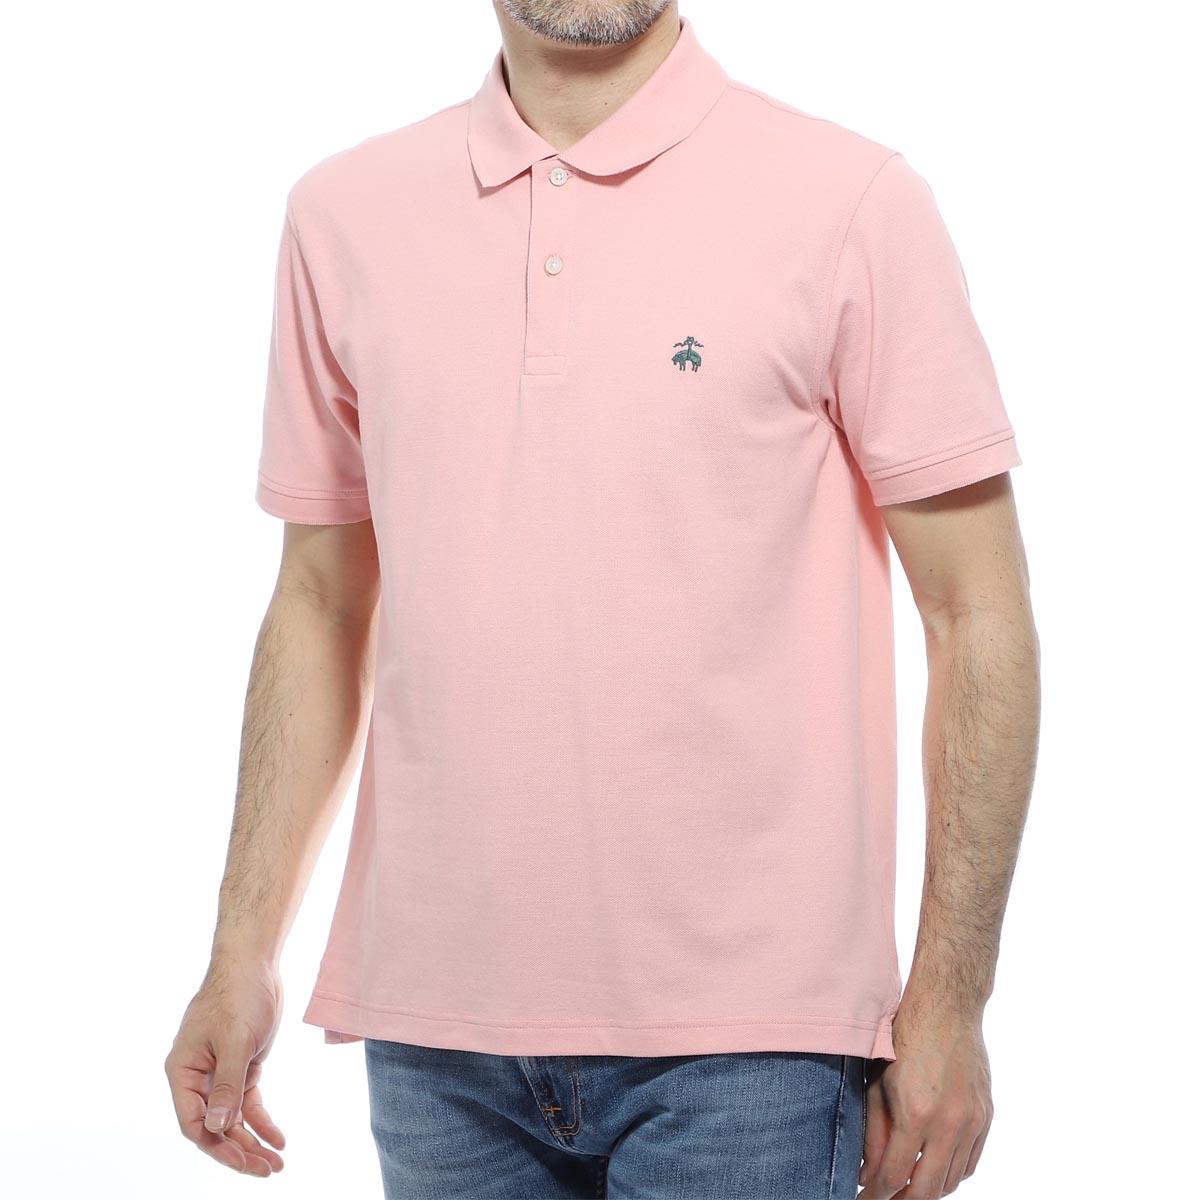 ブルックスブラザーズ Brooks Brothers ポロシャツ ピンク メンズ 100134540 GF SUPIMA COTTON PIQUE PAFORMANCE POLO SHIRTS【あす楽対応_関東】【返品送料無料】【ラッピング無料】